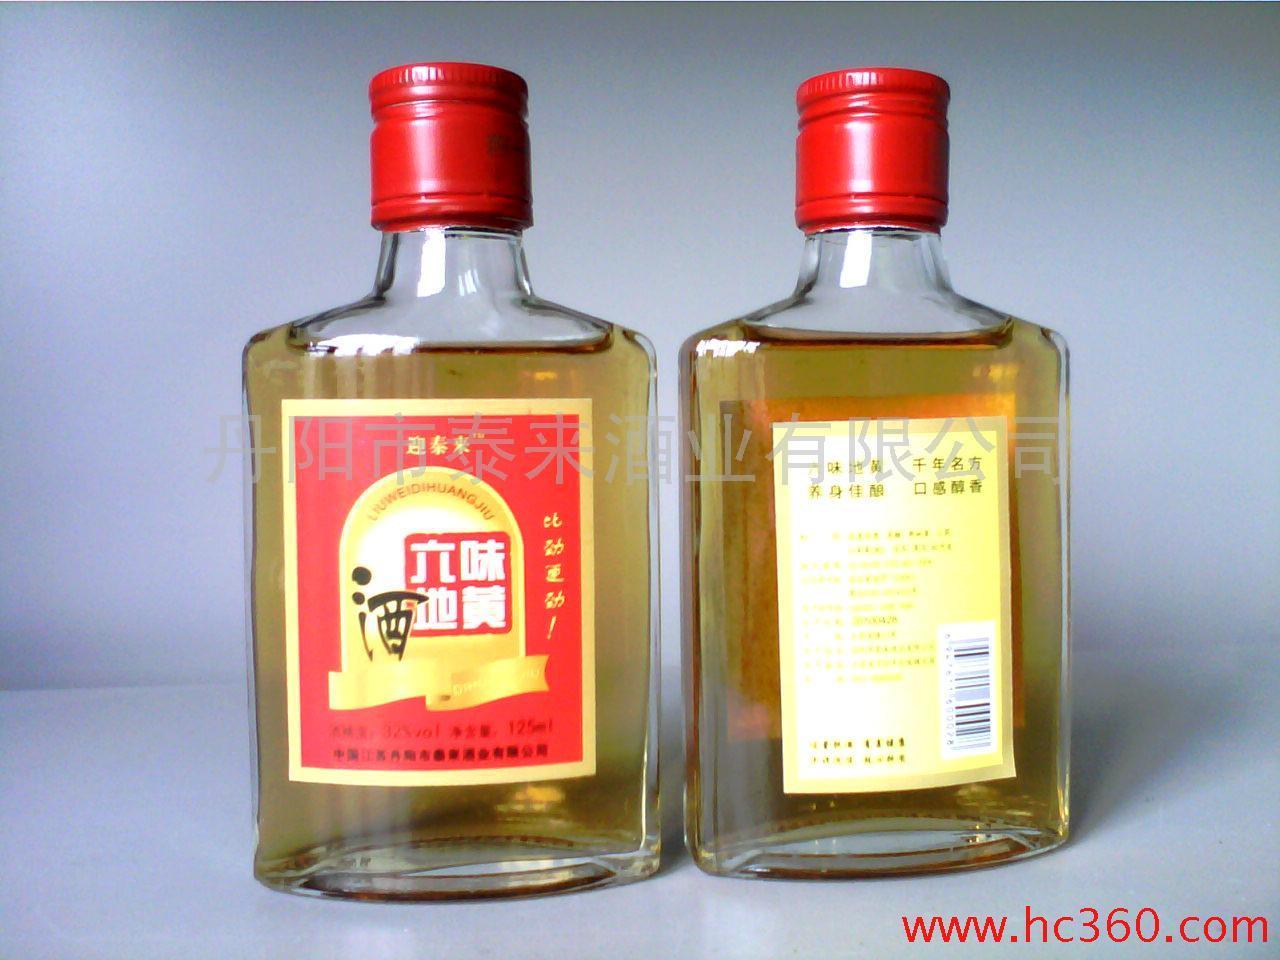 供应保健酒 保健食品 药酒 礼品 饮料 六味地黄酒加盟238